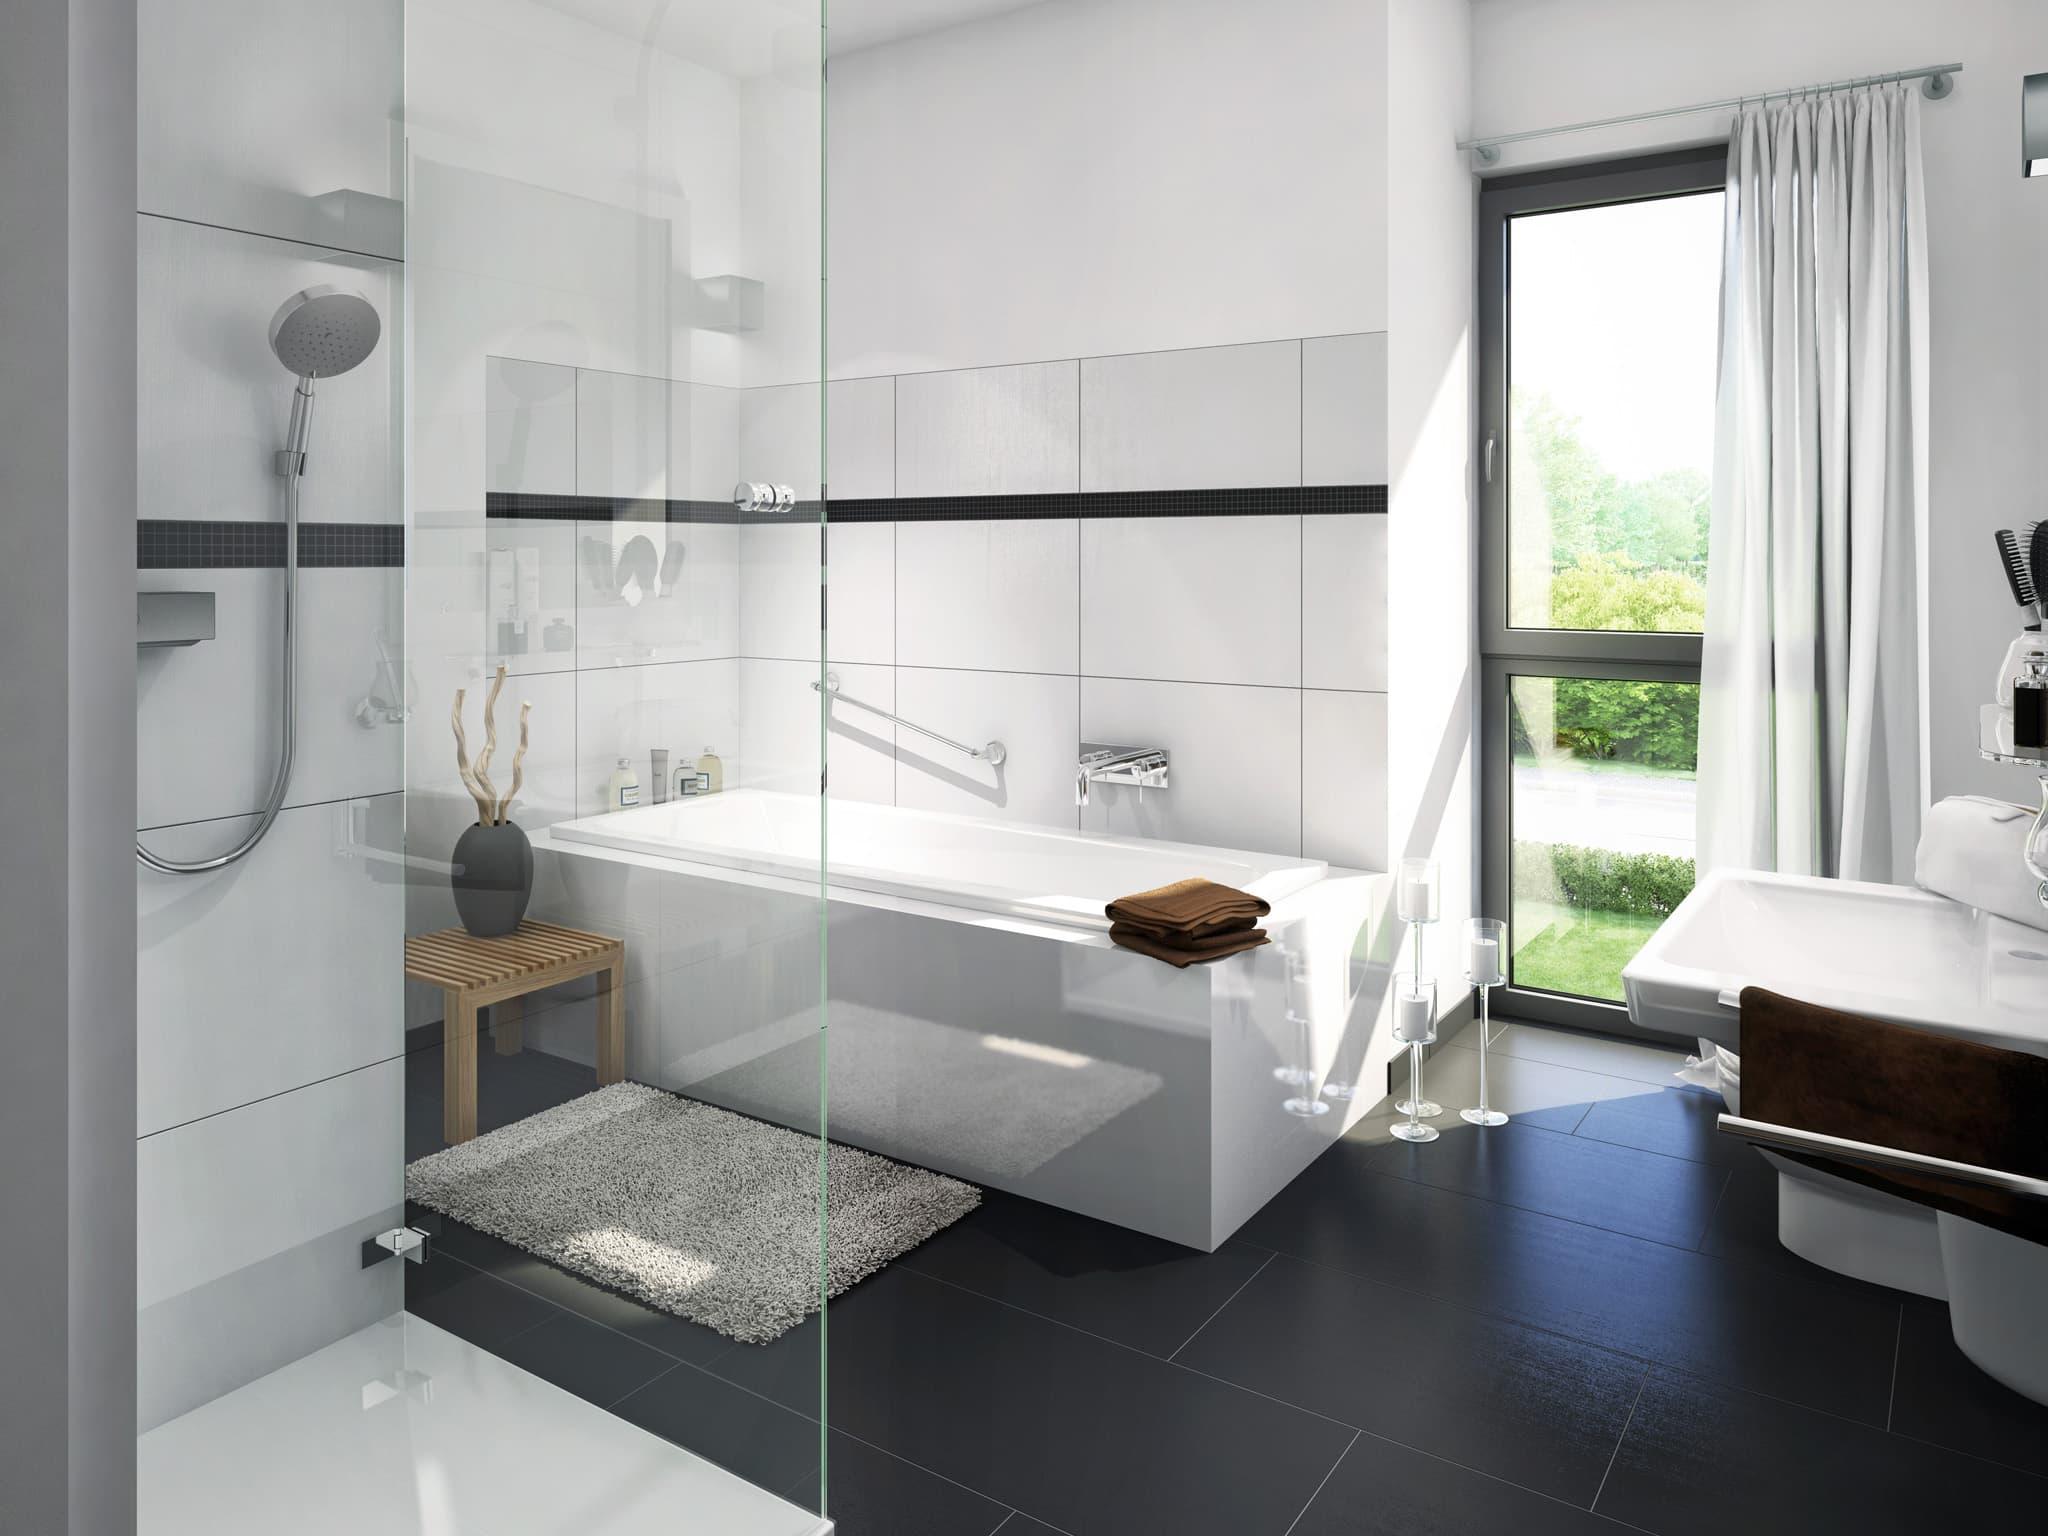 Modernes Badezimmer Fliesen schwarz weiss - Wohnideen Interior Design Fertighaus EVOLUTION 122 V12 von Bien Zenker - HausbauDirekt.de